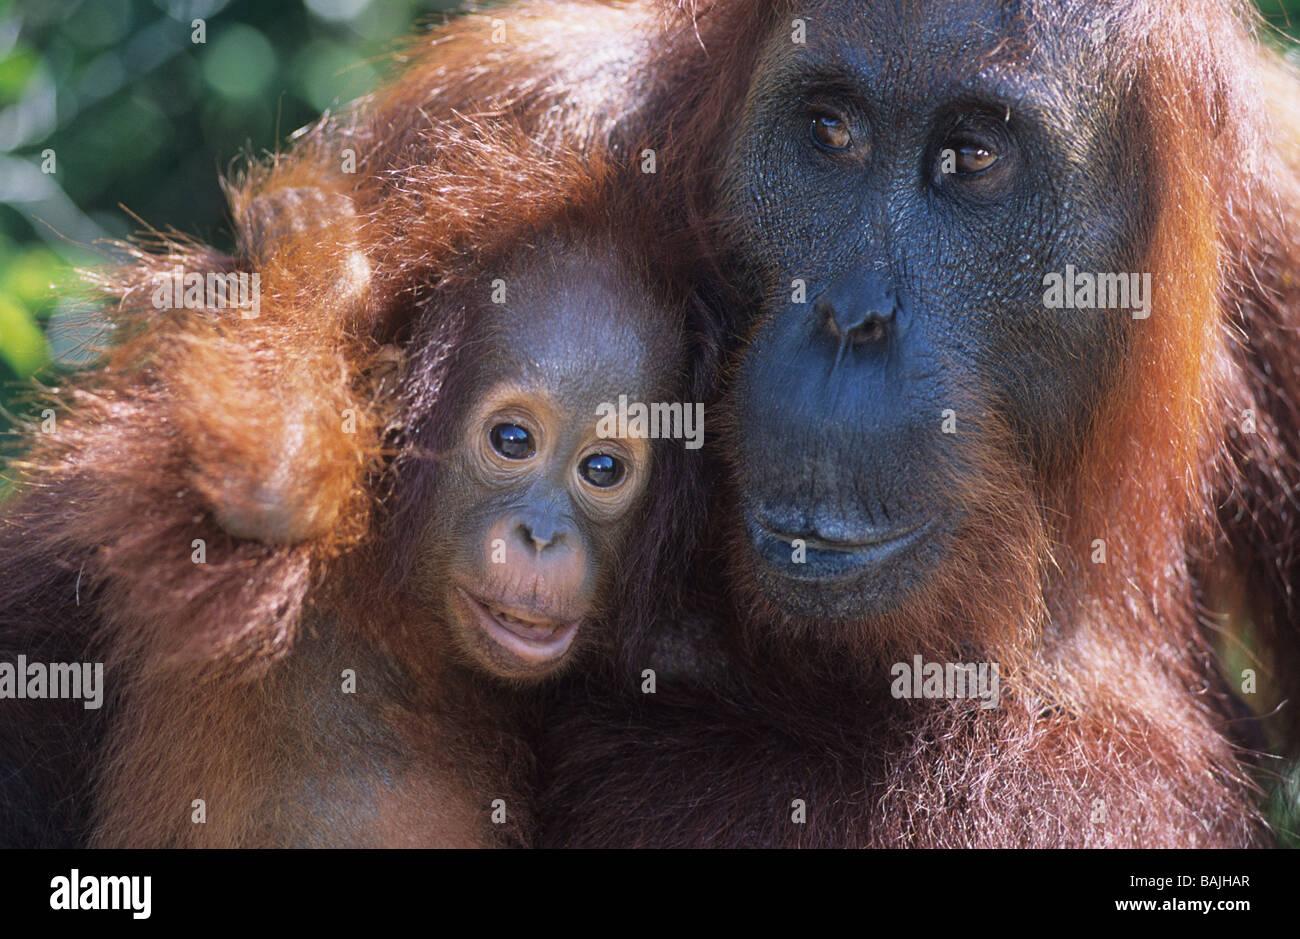 Orangután abrazando a los jóvenes, más cerca Foto de stock